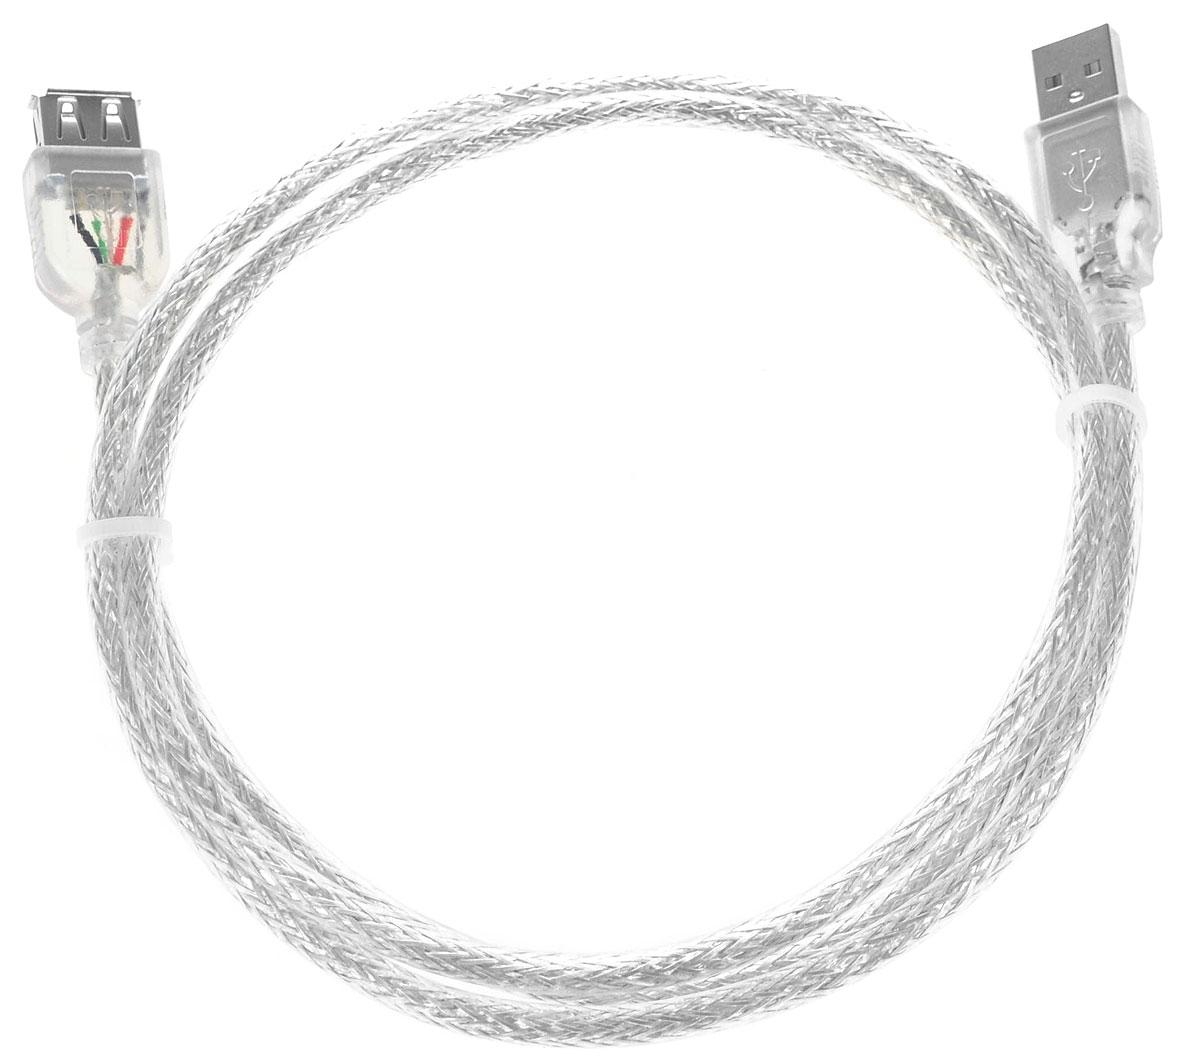 Greenconnect Premium GCR-UEC2M-BD2S, Clear кабель-удлинитель USB 1 мGCR-UEC2M-BD2S-1.0mКабель-удлинитель Greenconnect Premium GCR-UEC2M-BD2S служит для увеличения расстояния между подключаемыми устройствами. Идеально подходит, если необходимо удобно расположить устройства на столе или USB порт расположен слишком далеко для подключения. Кабель имеет экранирование, что позволяет защитить сигнал при передаче от влияния внешних полей, способных создать помехи.